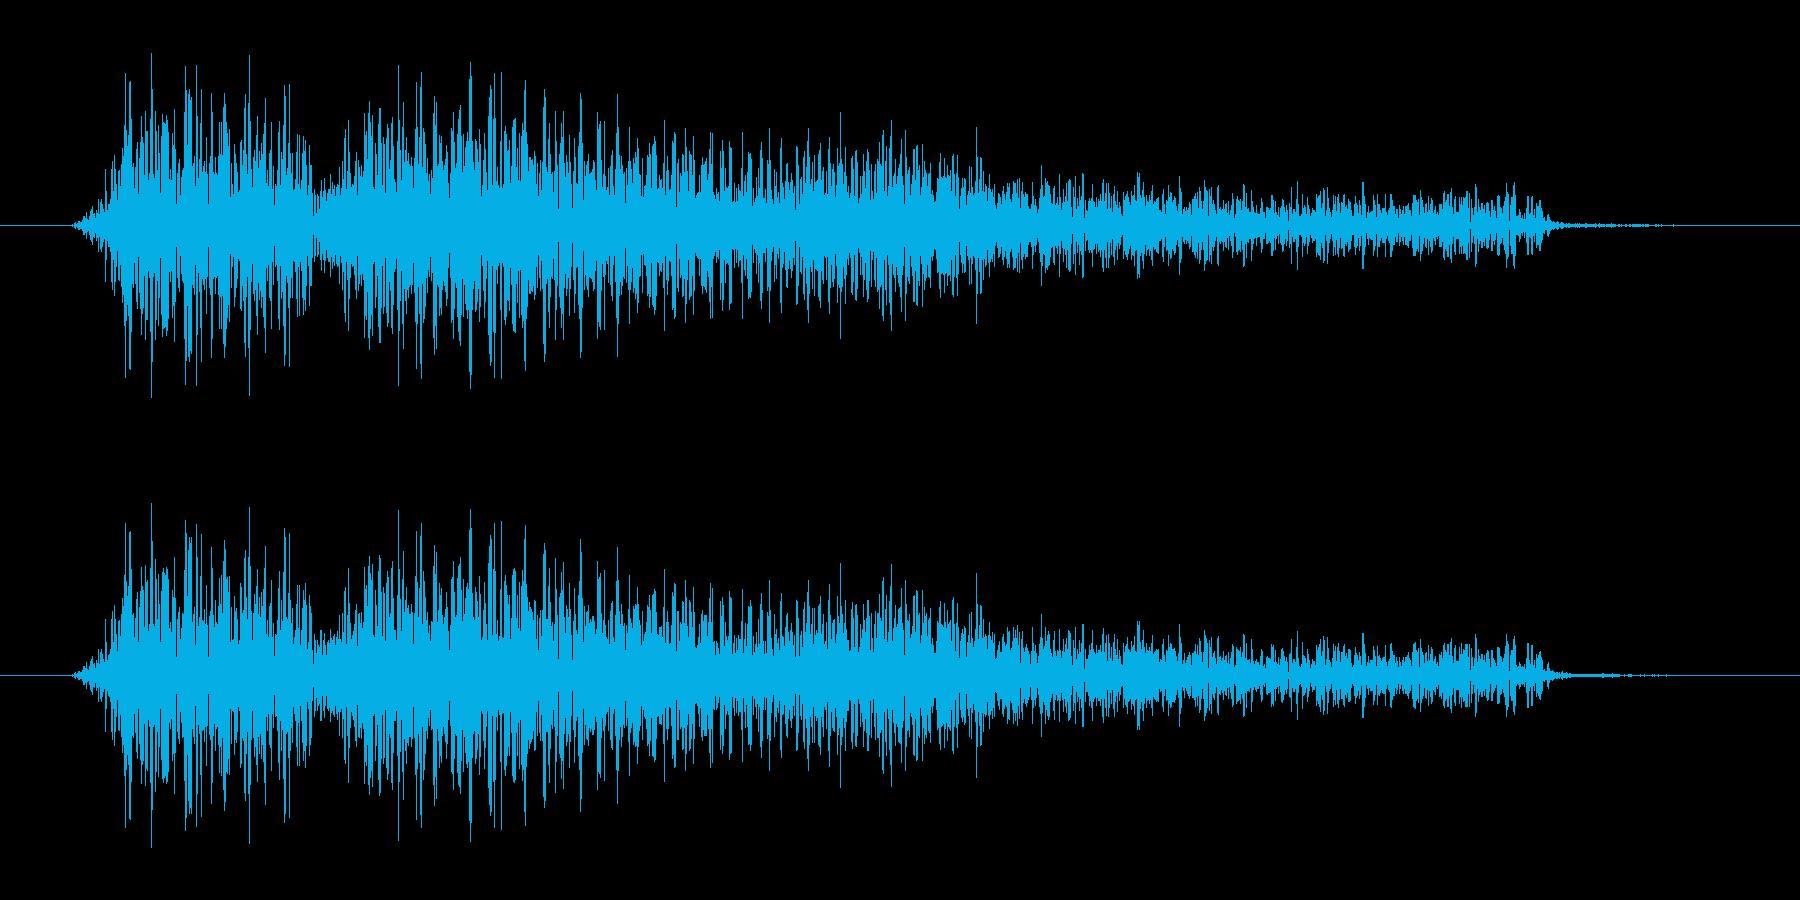 能力値を下げられたような少し不快な音ですの再生済みの波形